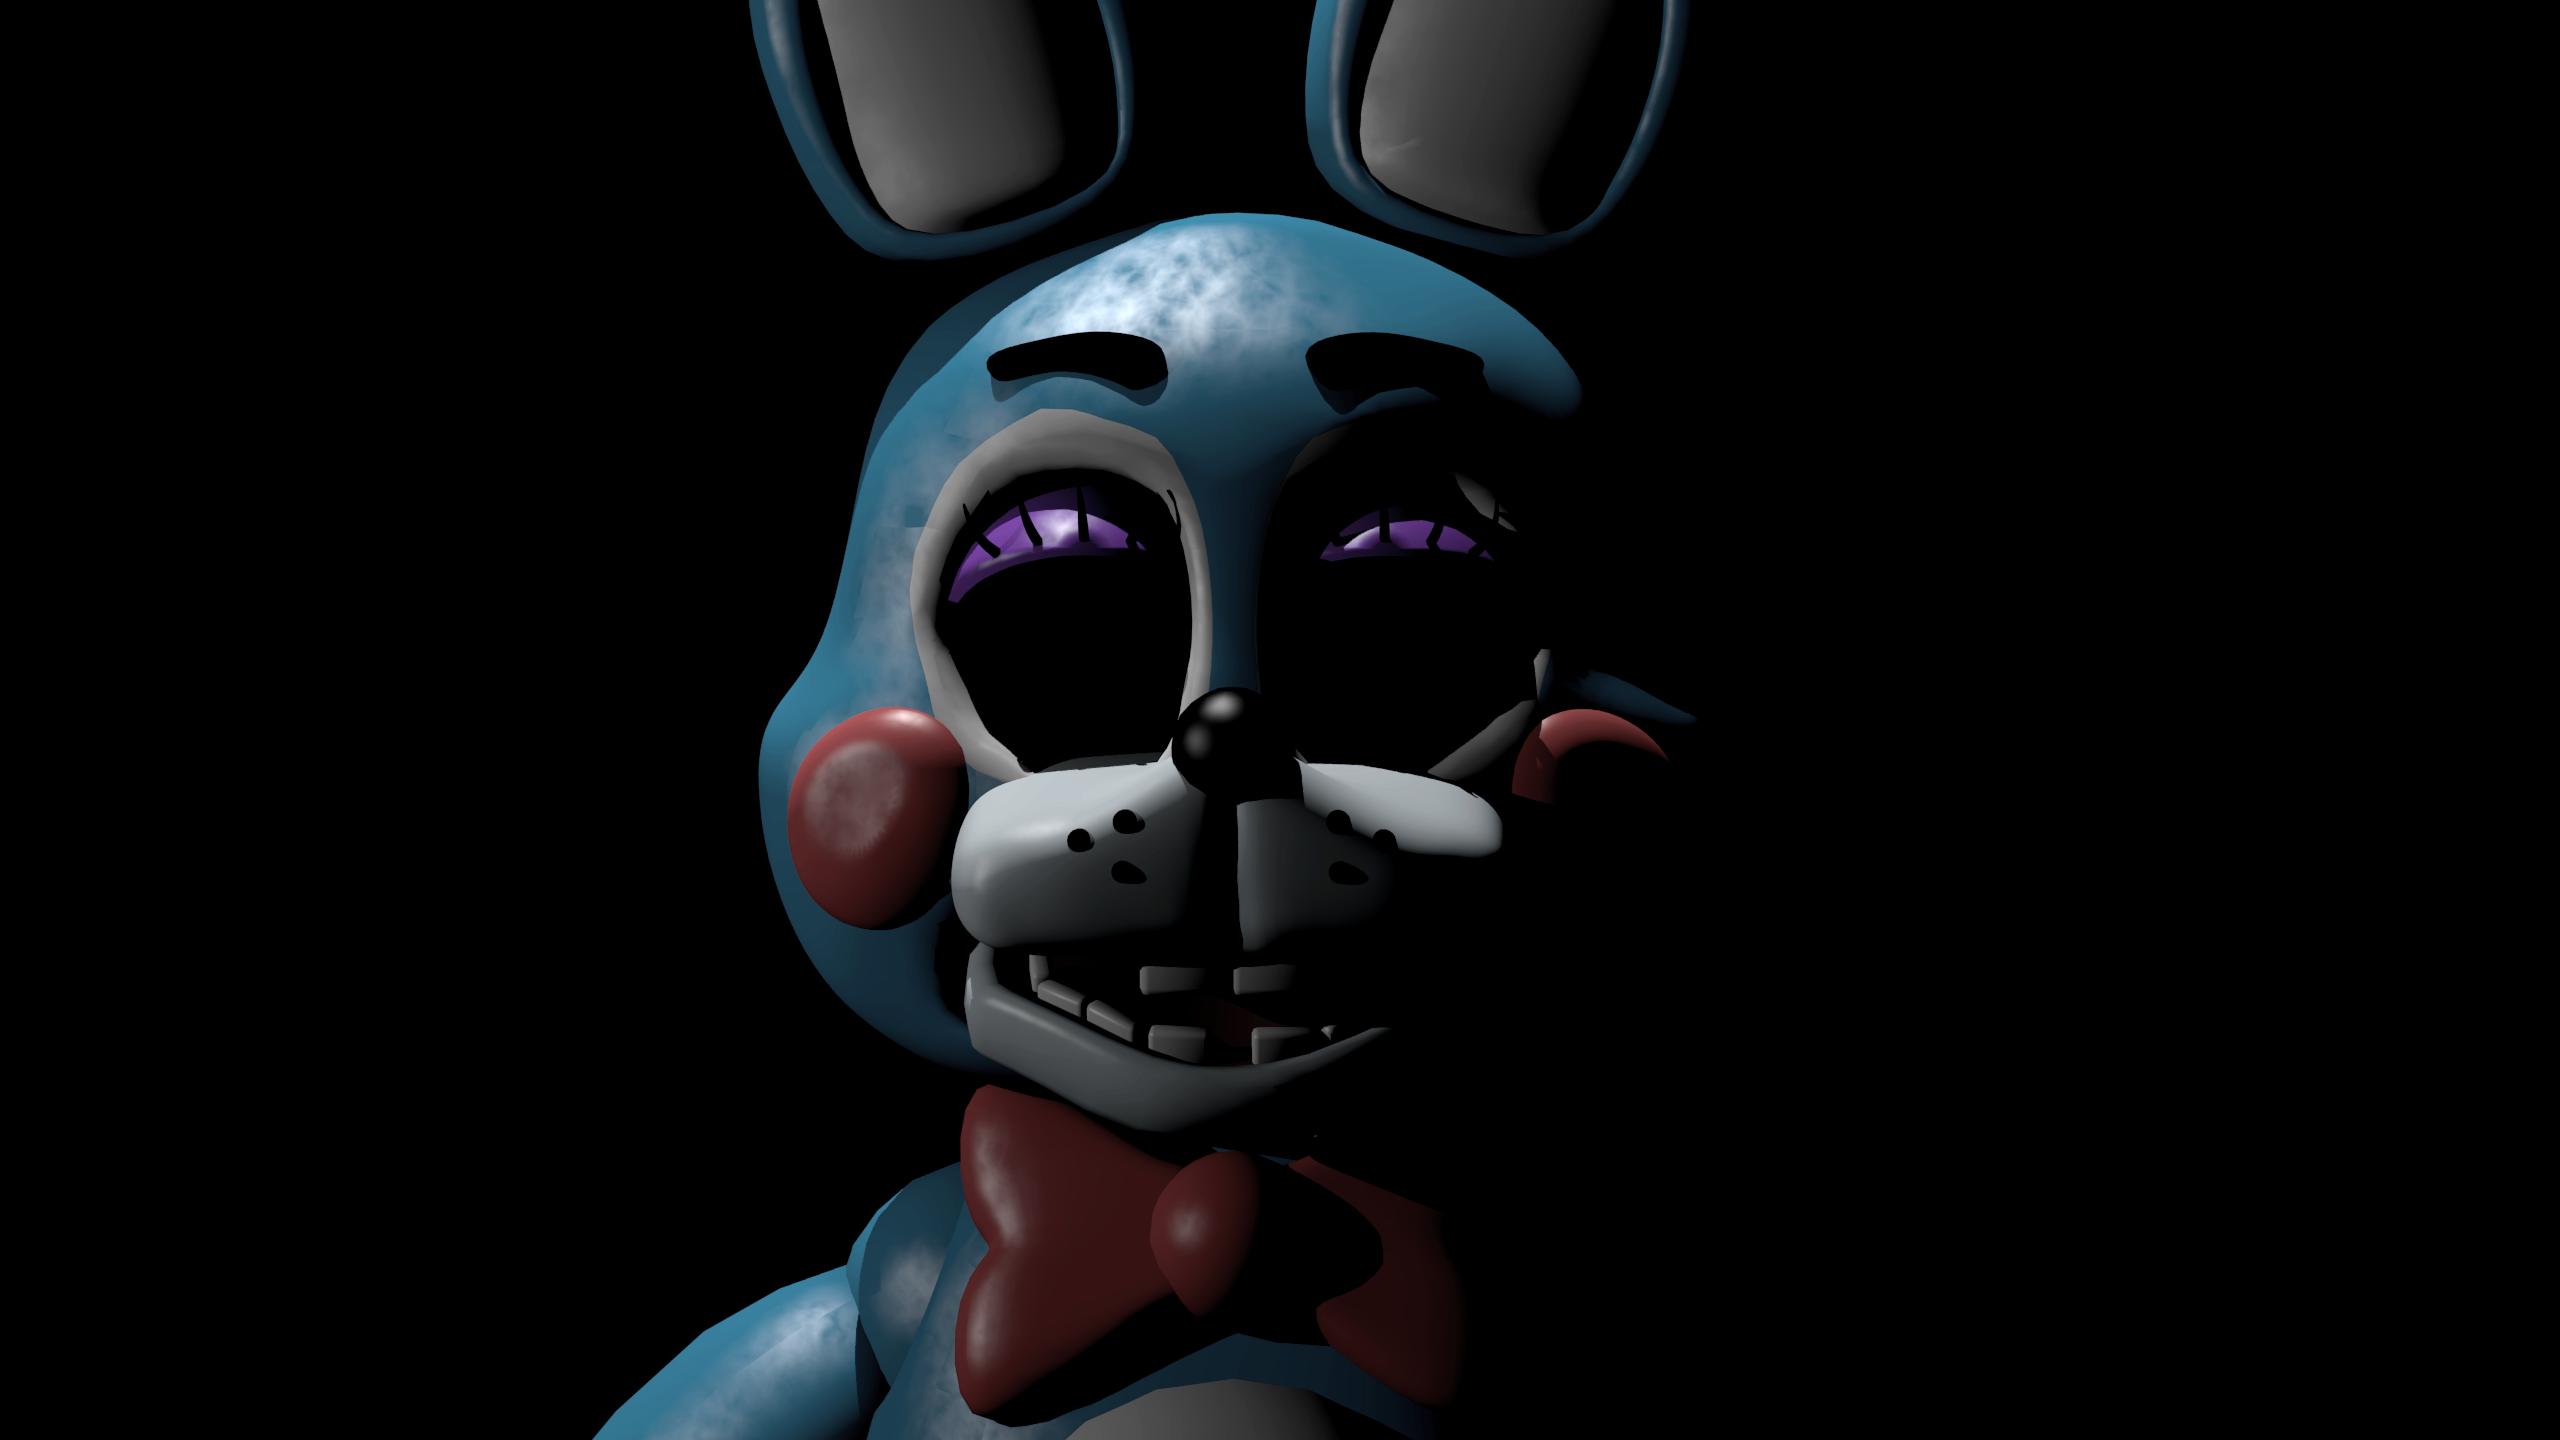 Toy Bonnie Wallpaper Fnaf Toy Bonnie Creepy 1136353